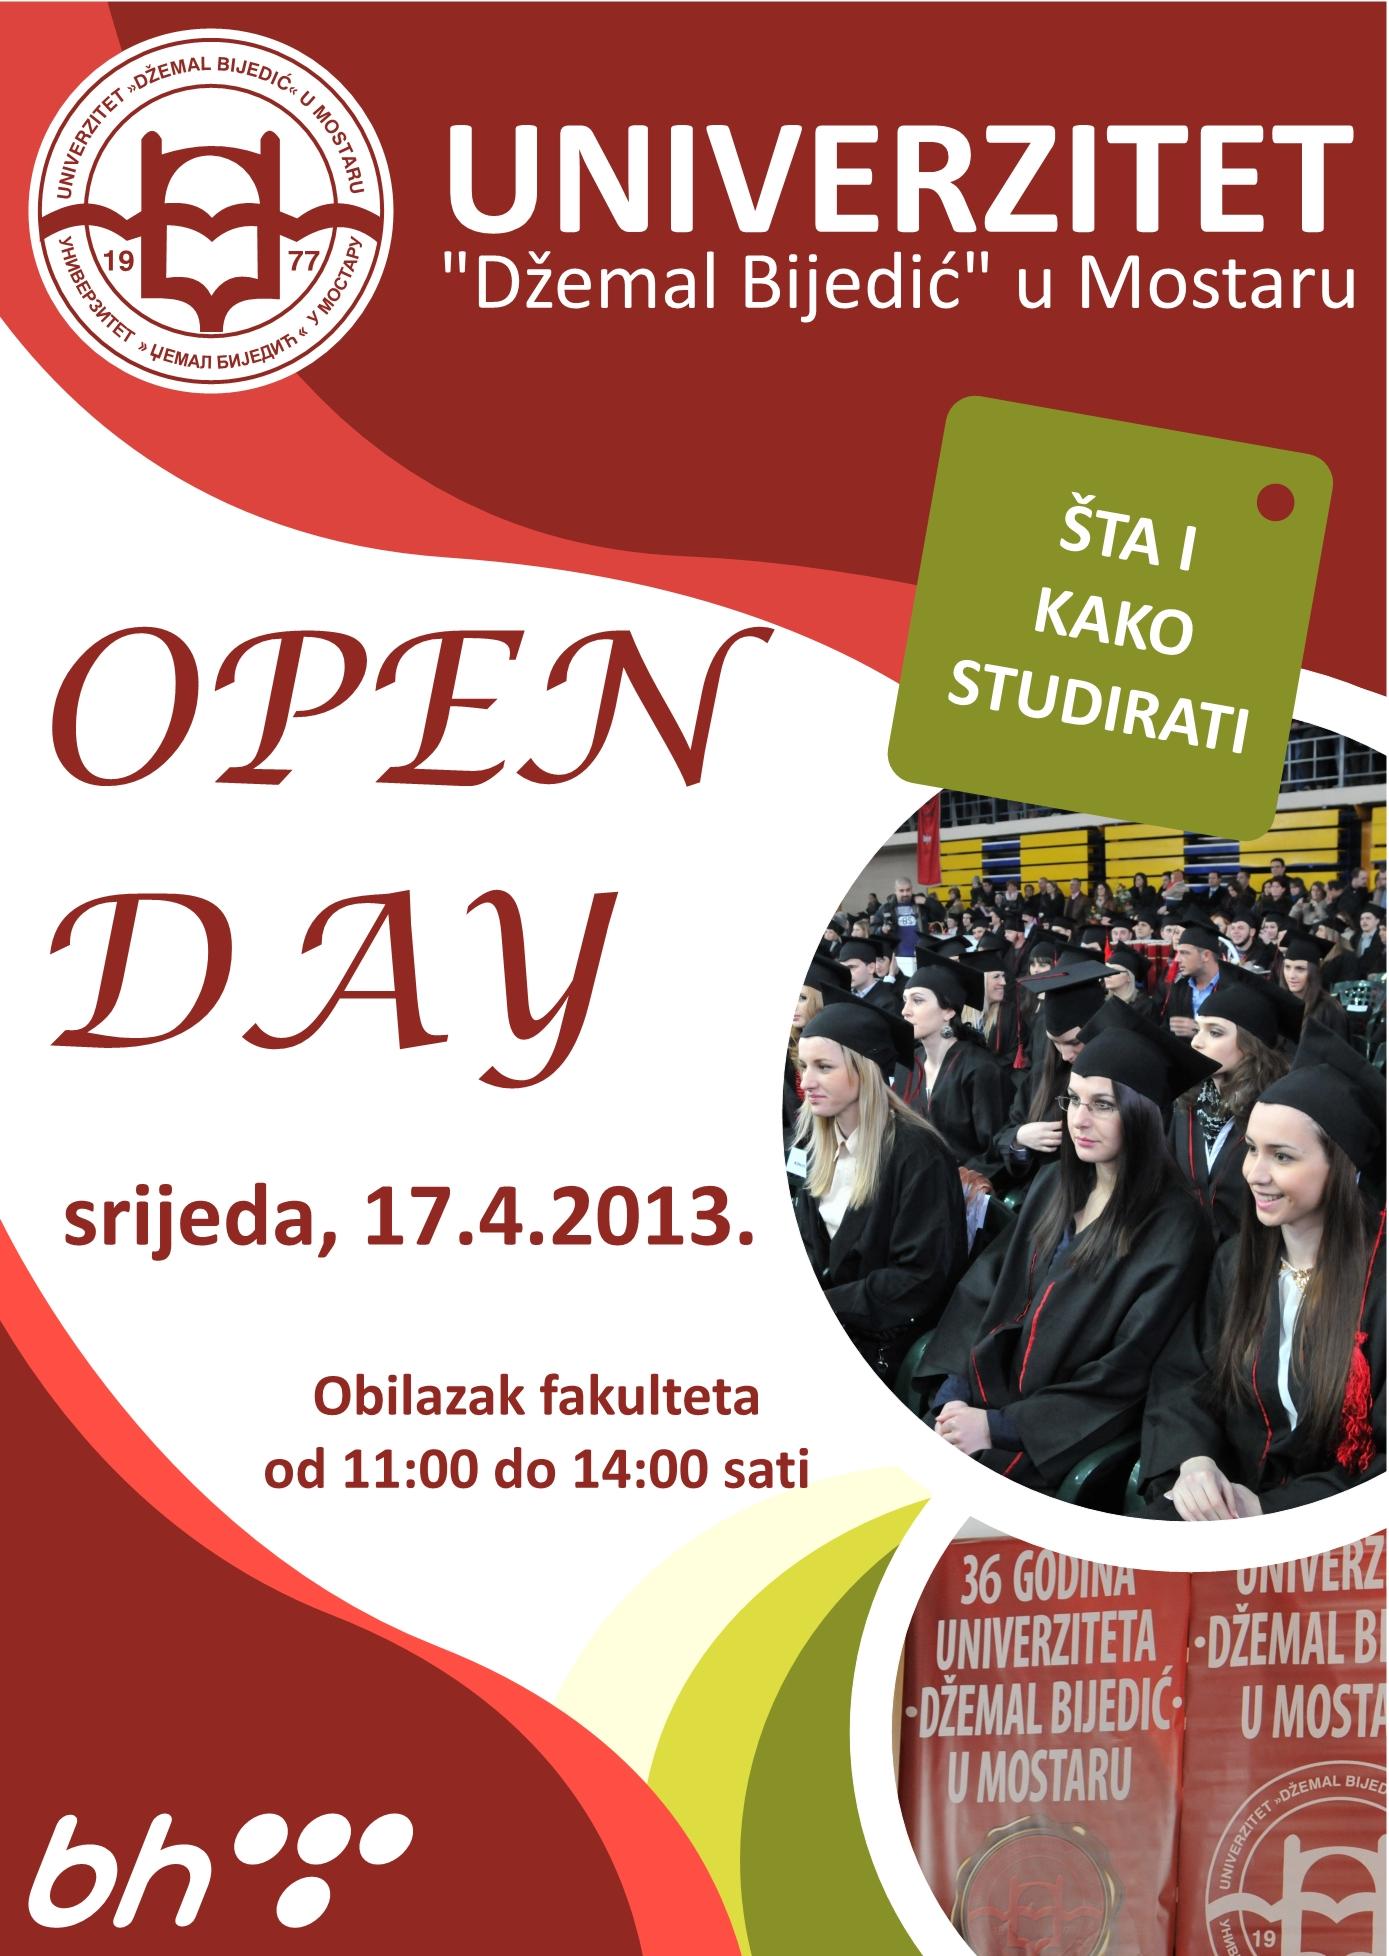 UNMO OpenDay 2013